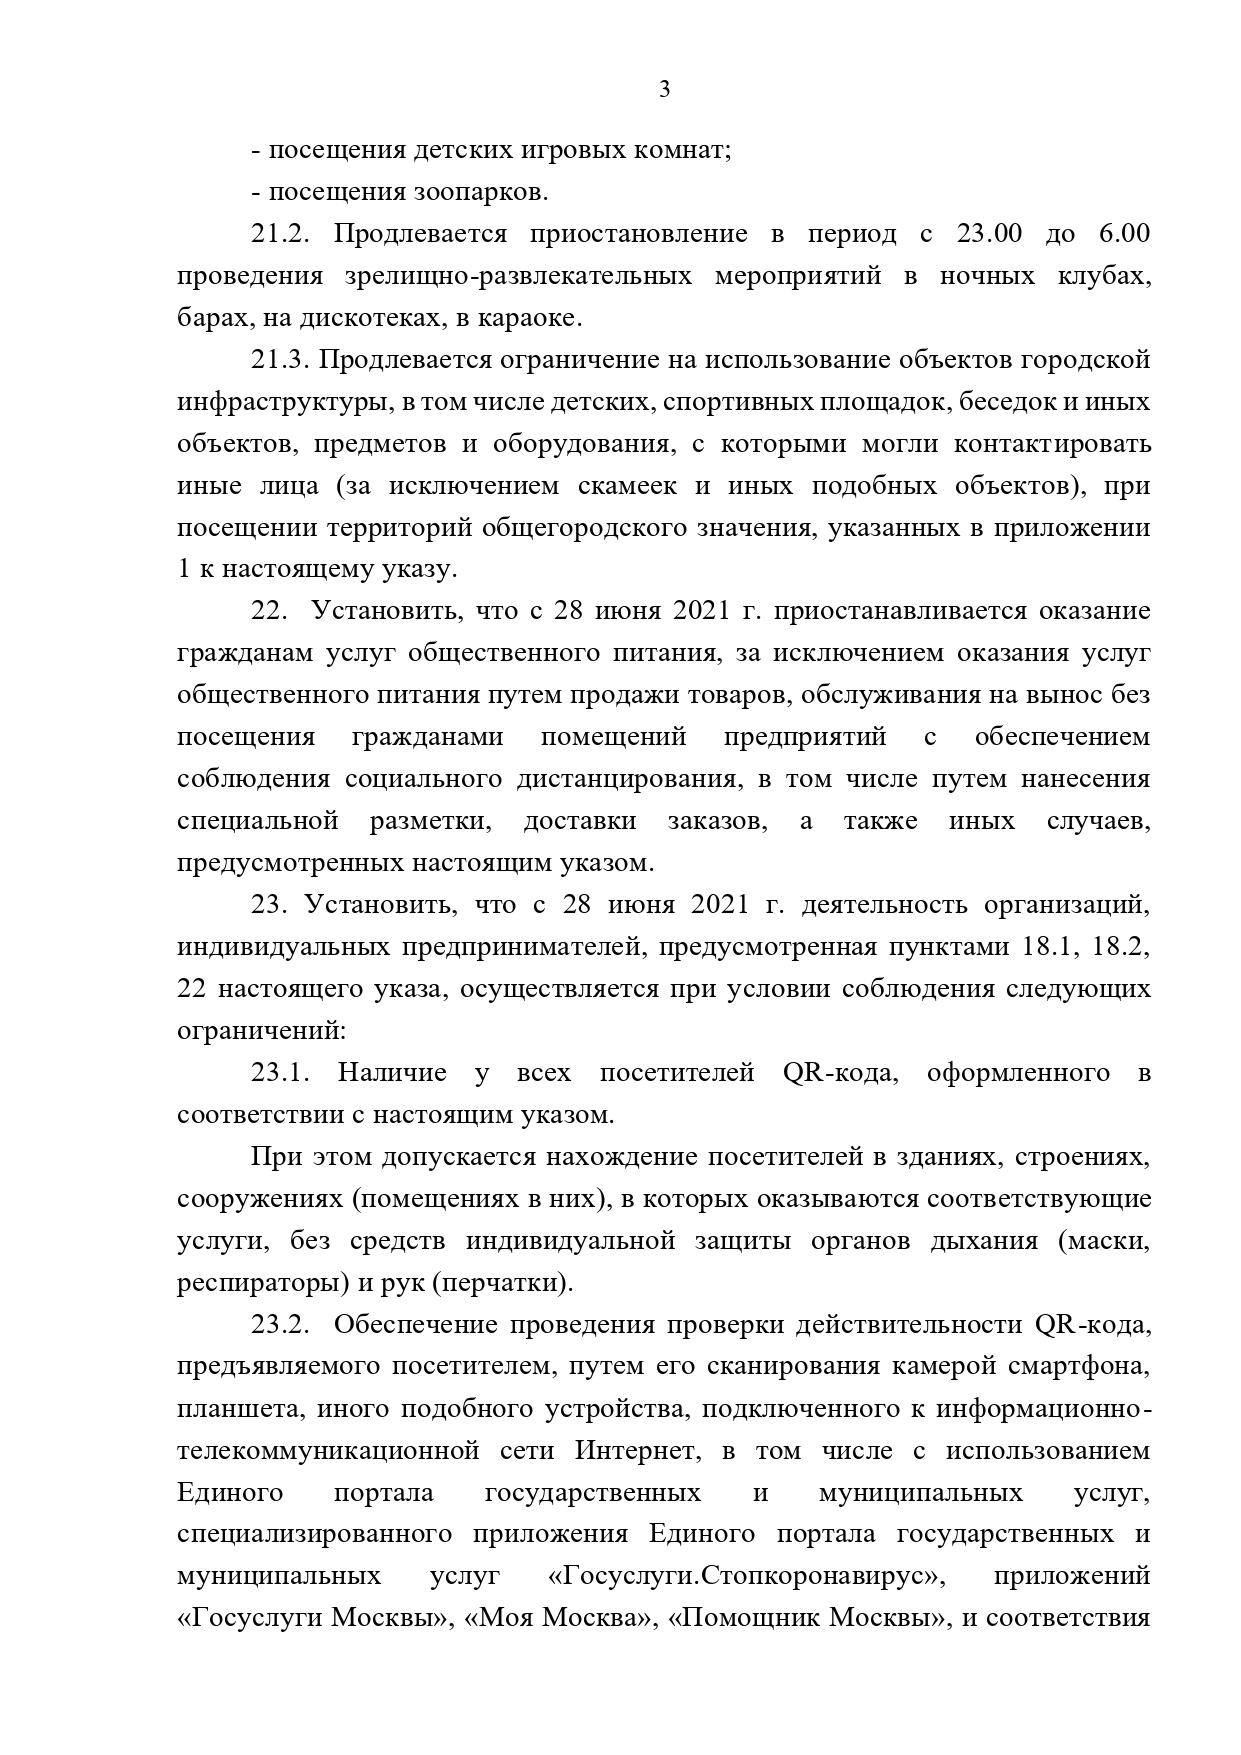 Указ Мэра Москвы Собянина С.С. от 22 июня 2021 г. (22.06.2021) No 35-УМ 3